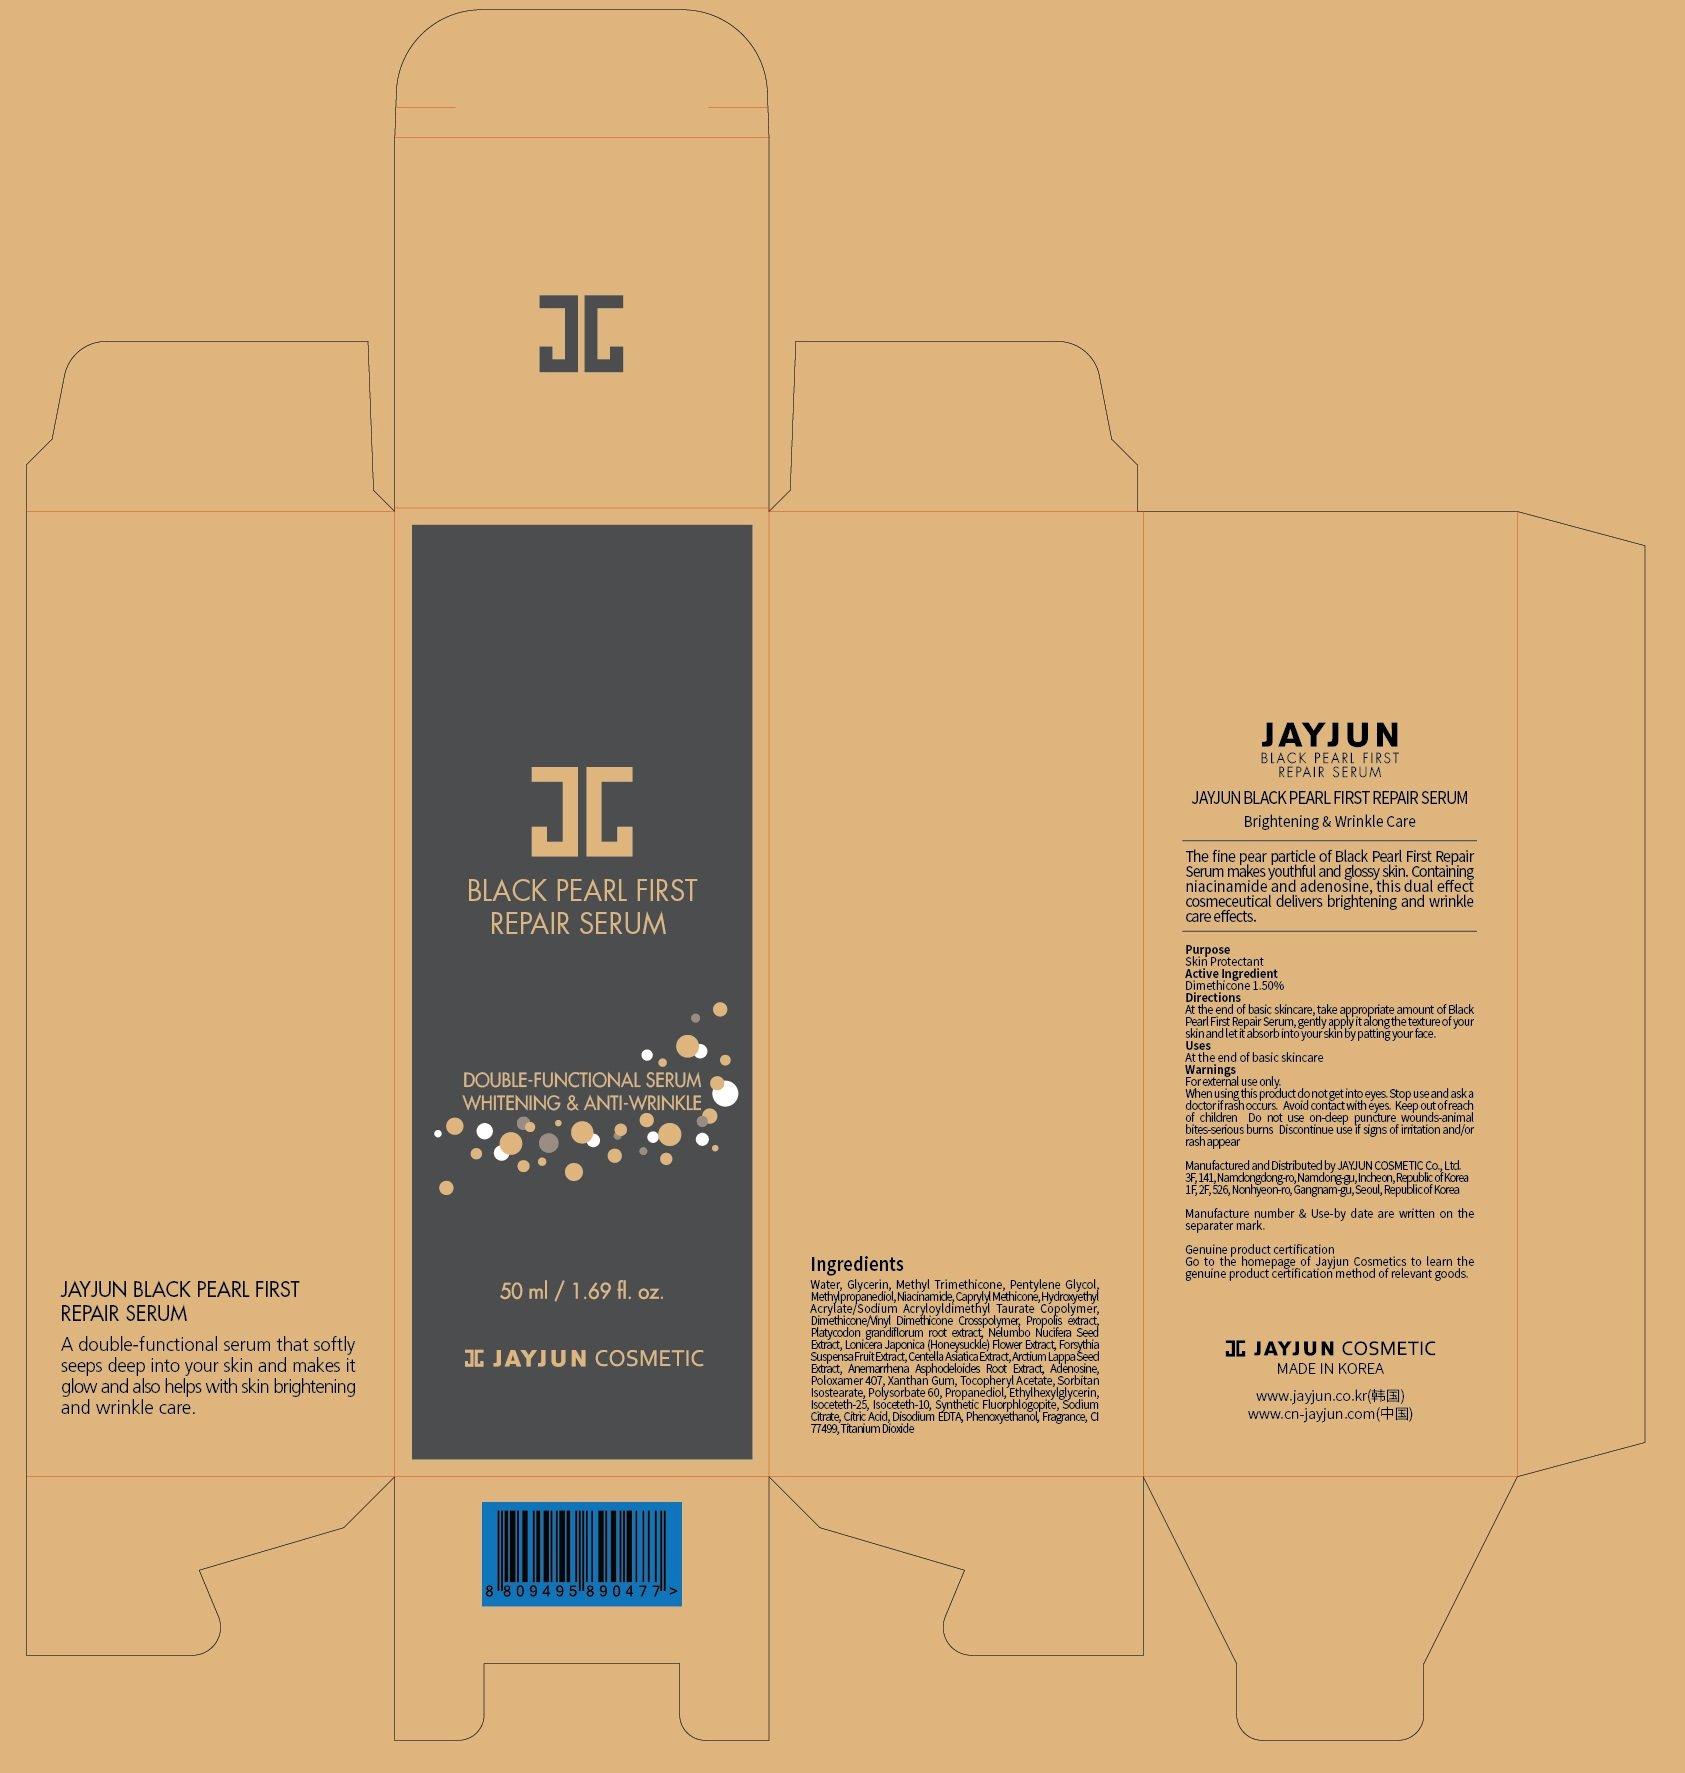 Jayjun black pearl first repair serum cream jayjun cosmetic coltd full full size image xflitez Images